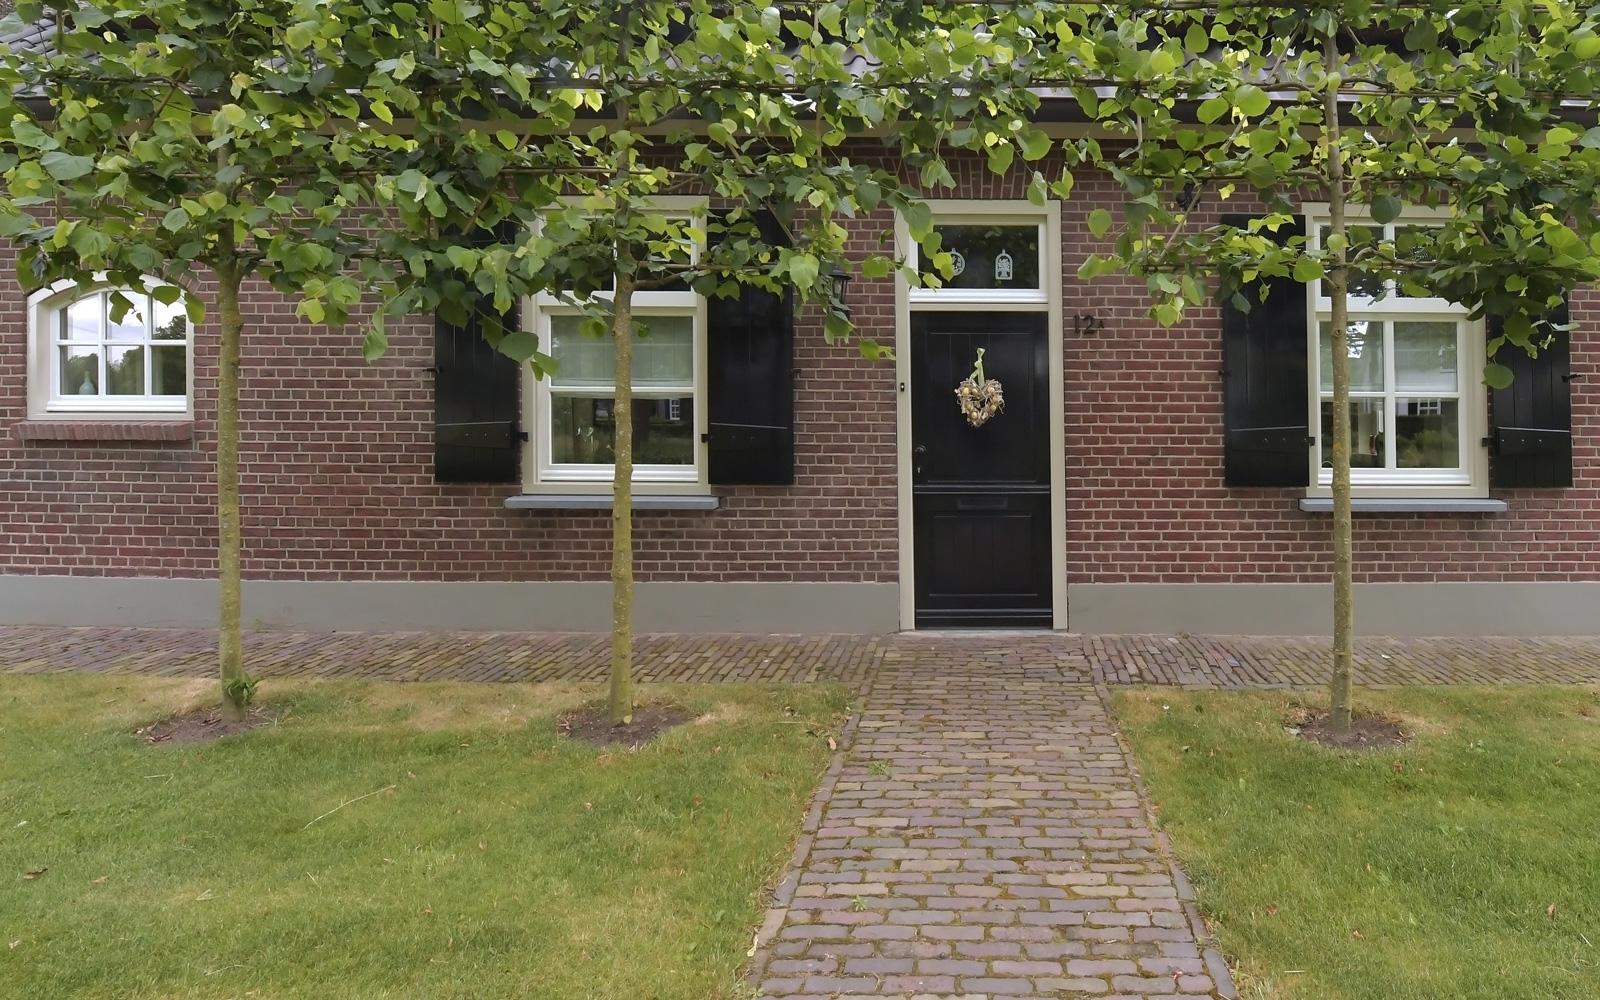 Bouwbedrijf Pijnenburg BV heeft de prachtige villa gebouwd.